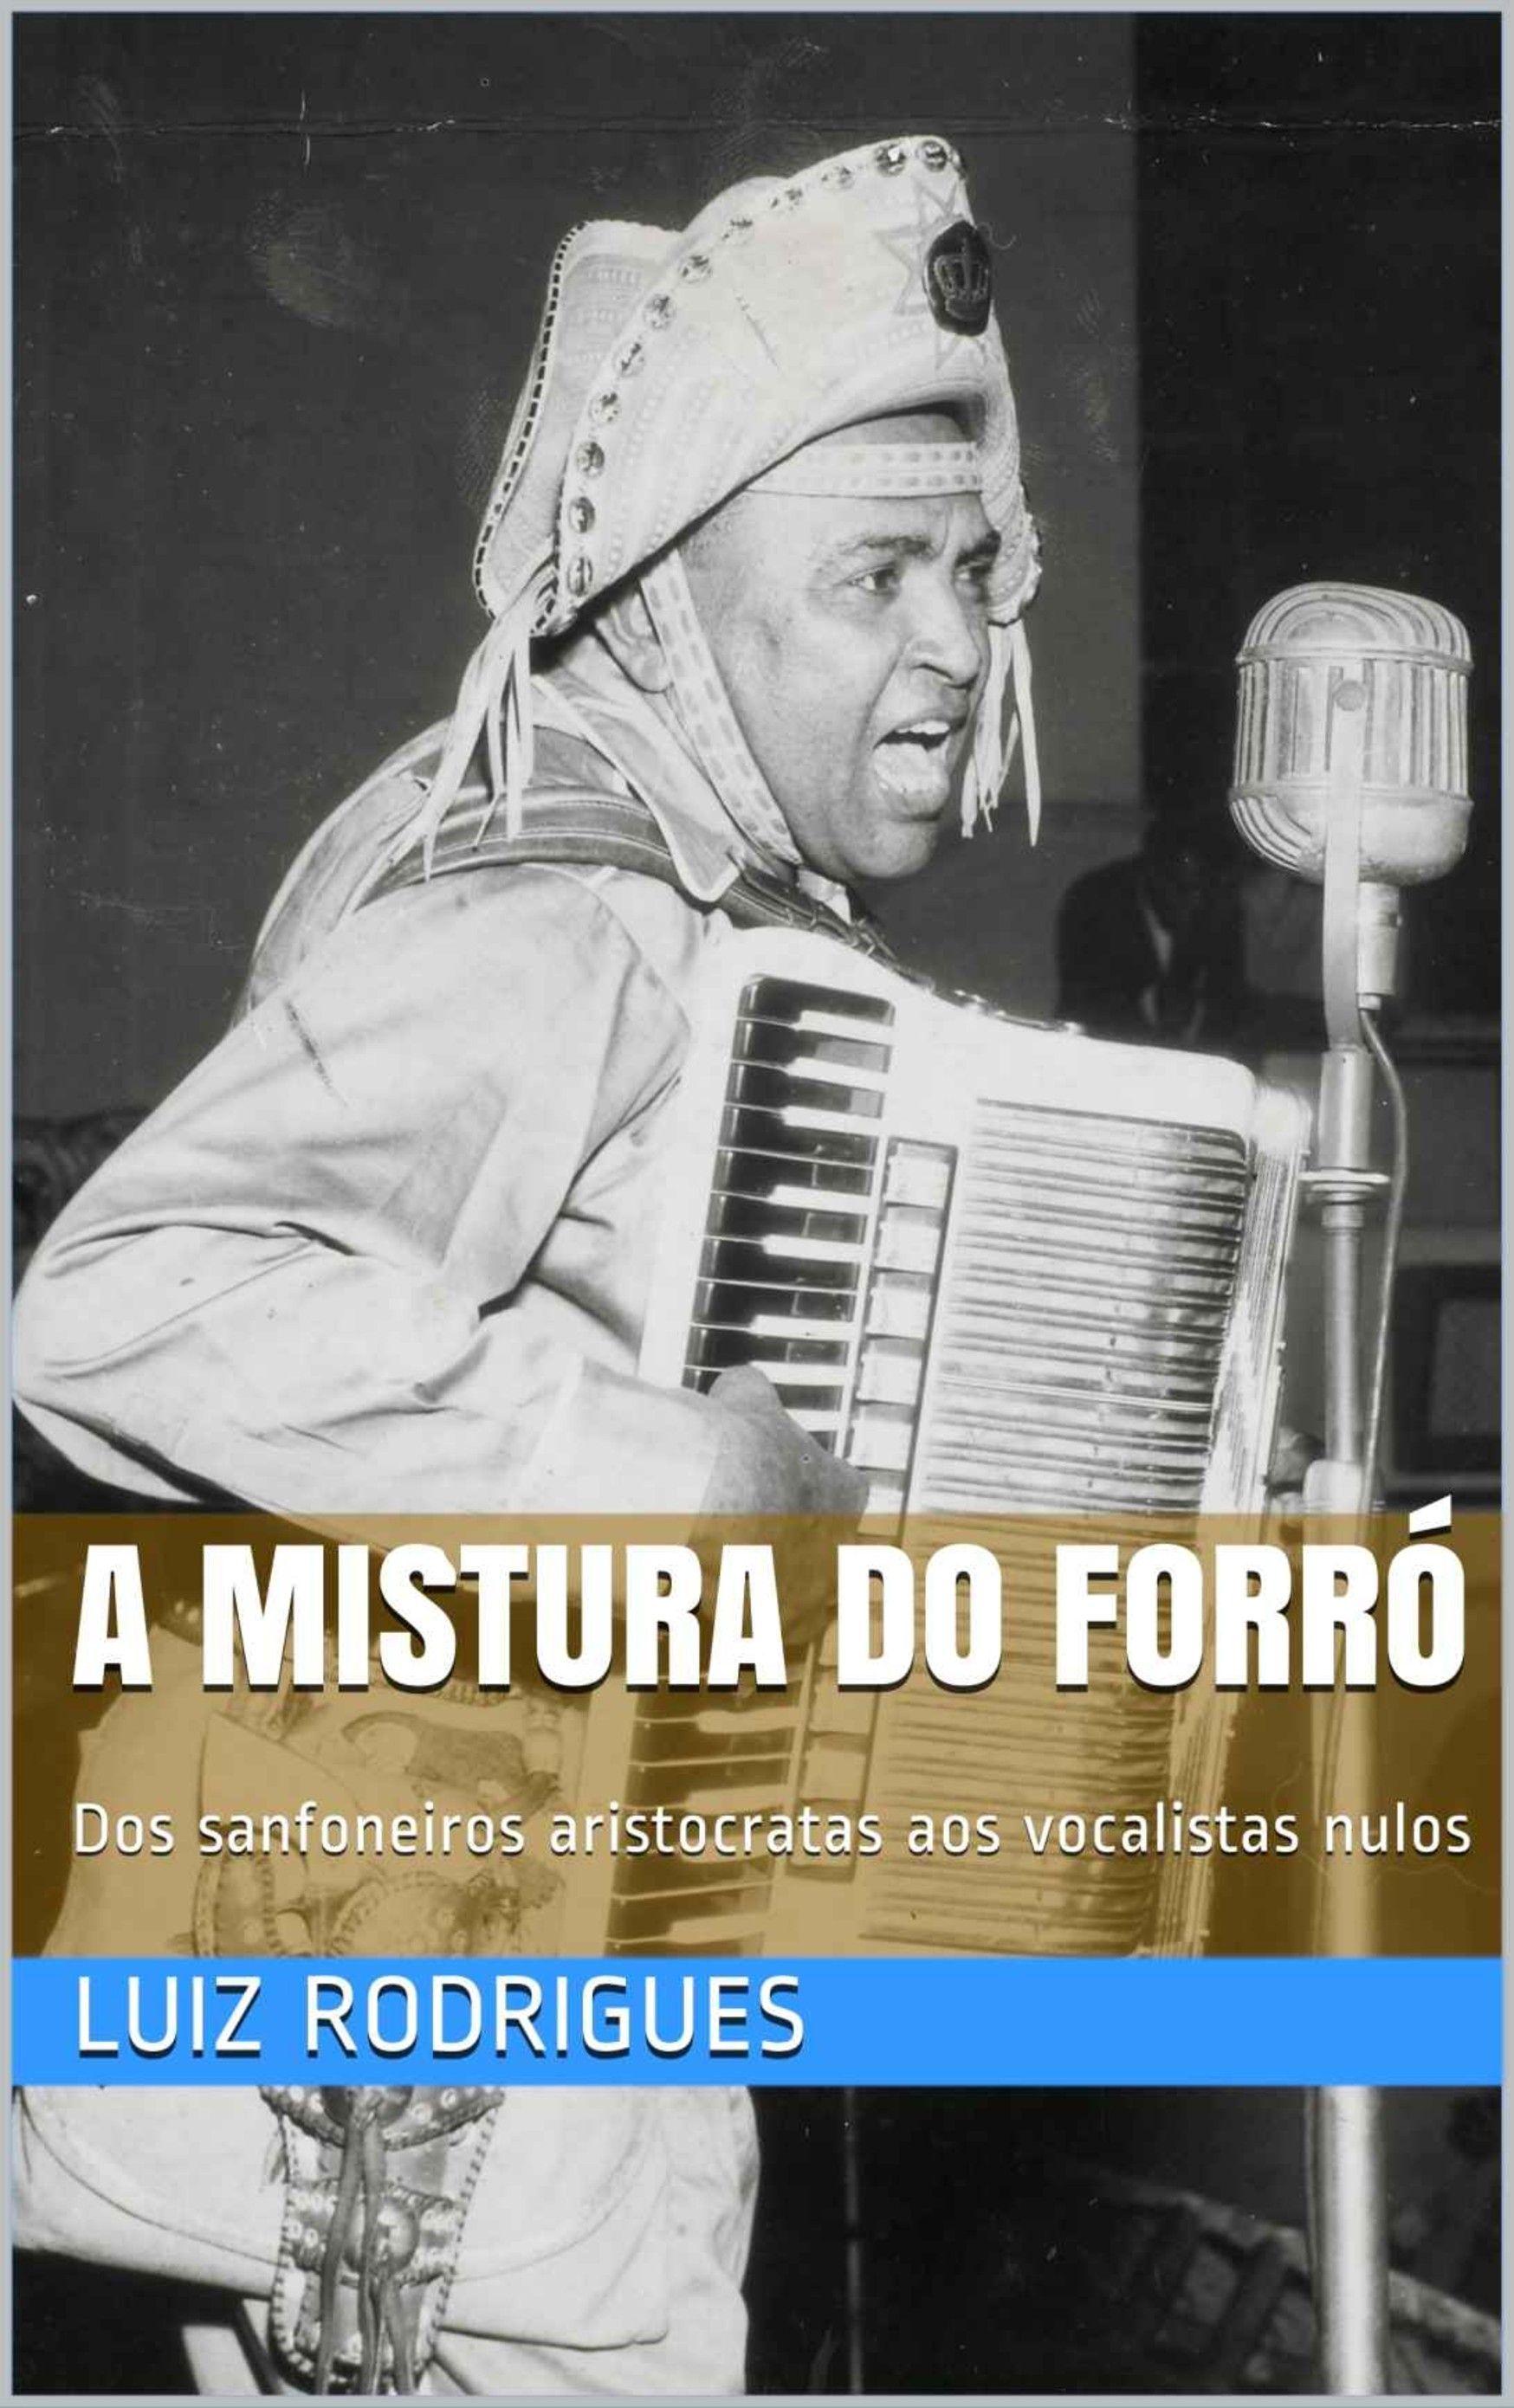 A Mistura do Forró: Dos sanfoneiros aristocratas aos vocalistas nulos